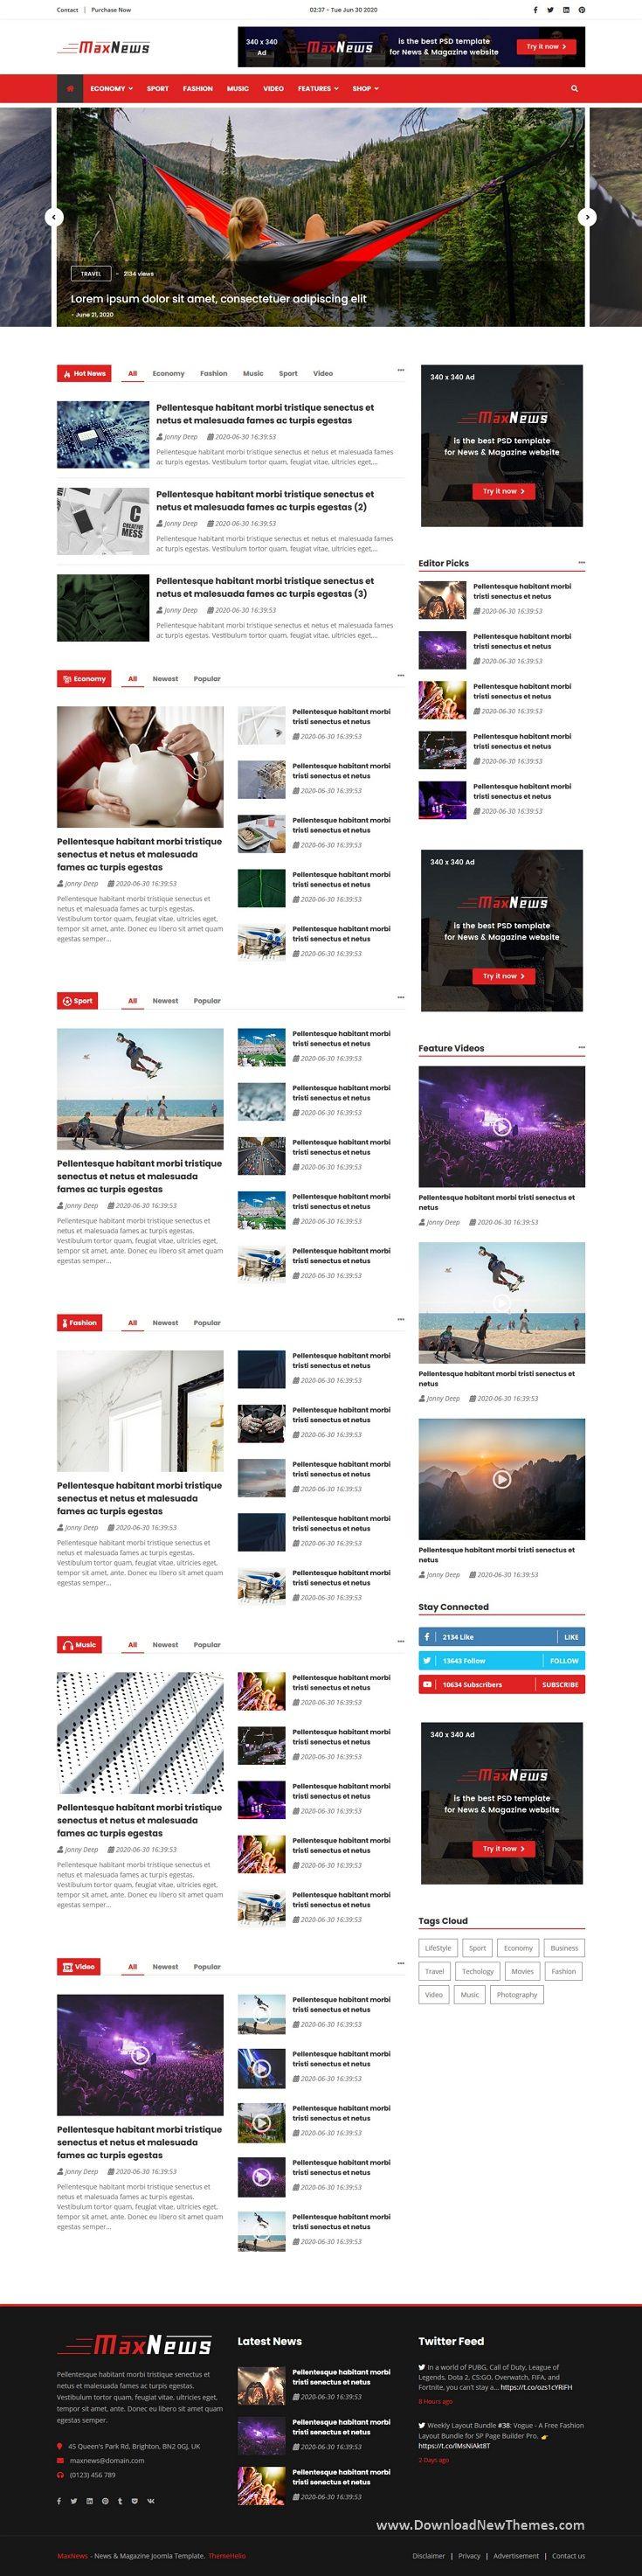 MaxNews News & Magazine Joomla Template in 2020 Joomla